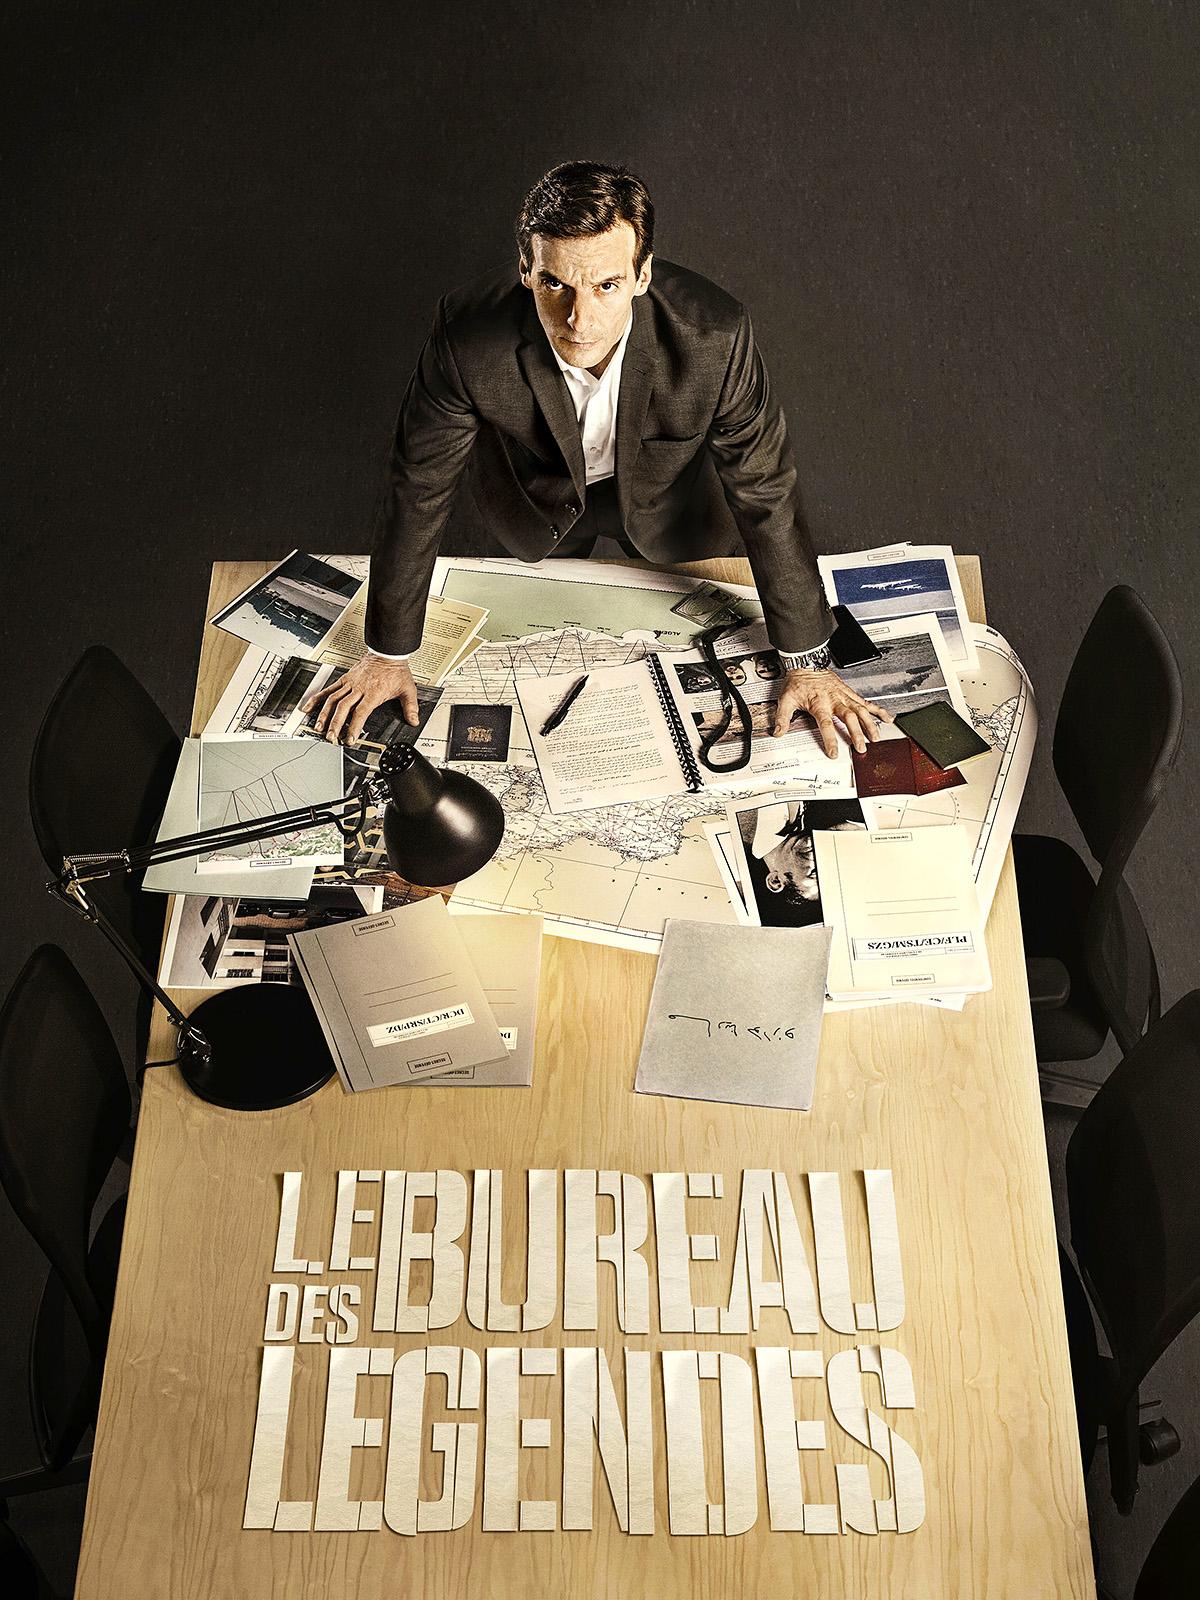 Le Bureau des Légendes streaming